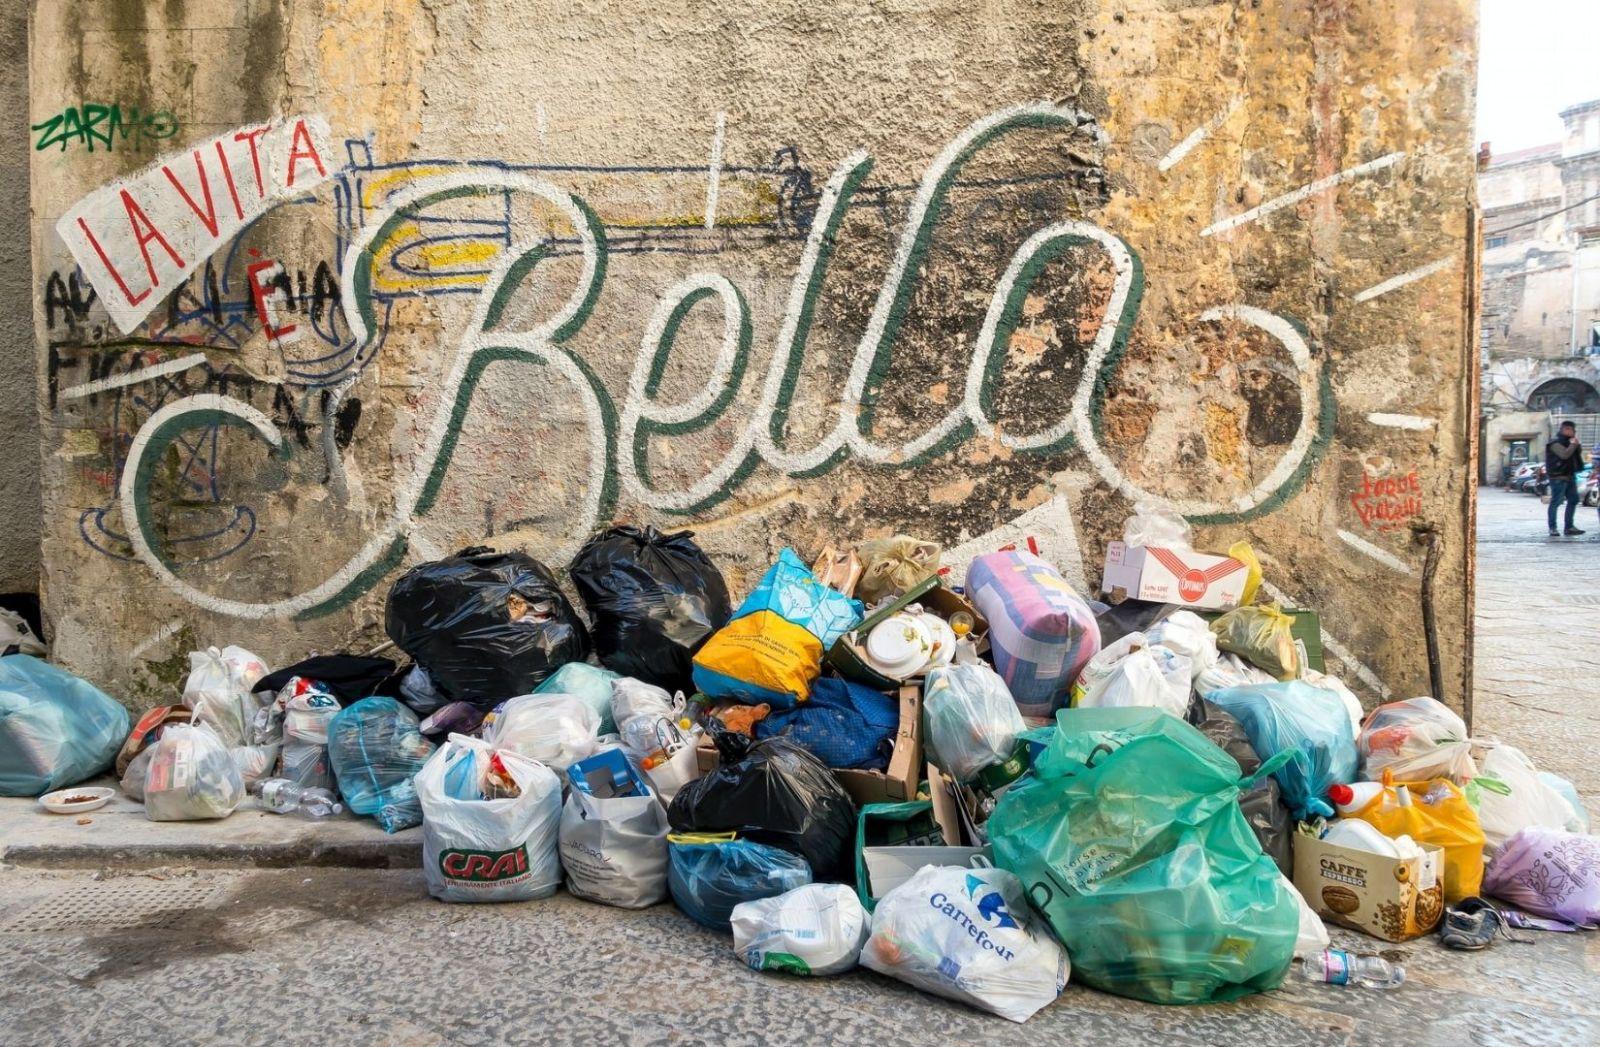 Müll auf den Straßen Siziliens. (Foto: Etienne Girardet, Unsplash.com)